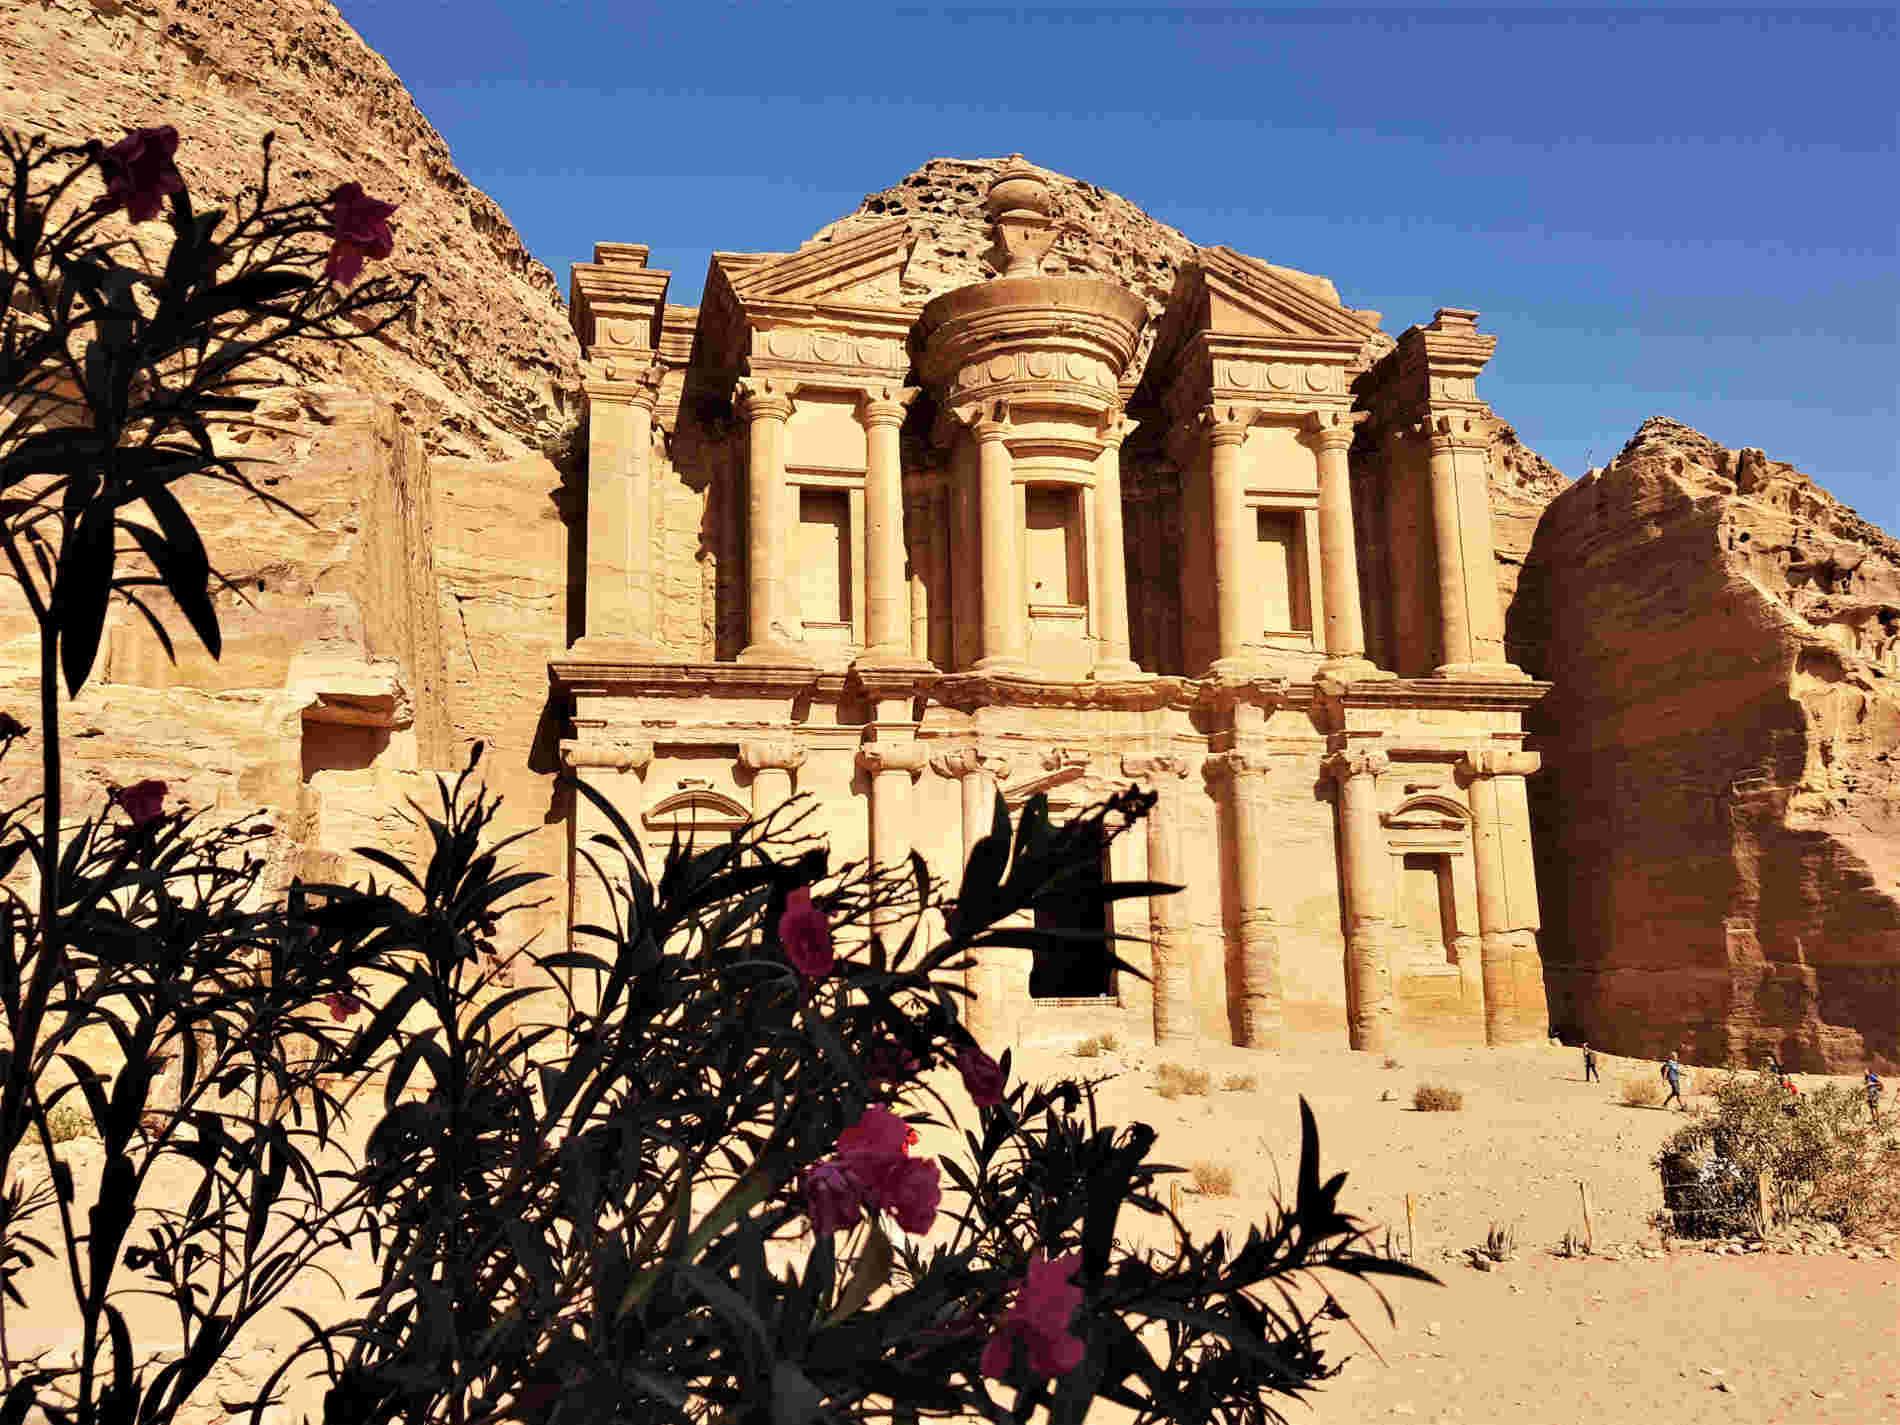 Il monastero a Petra un viaggio virtuale on line in una delle 7 Meraviglie del Mondo moderno